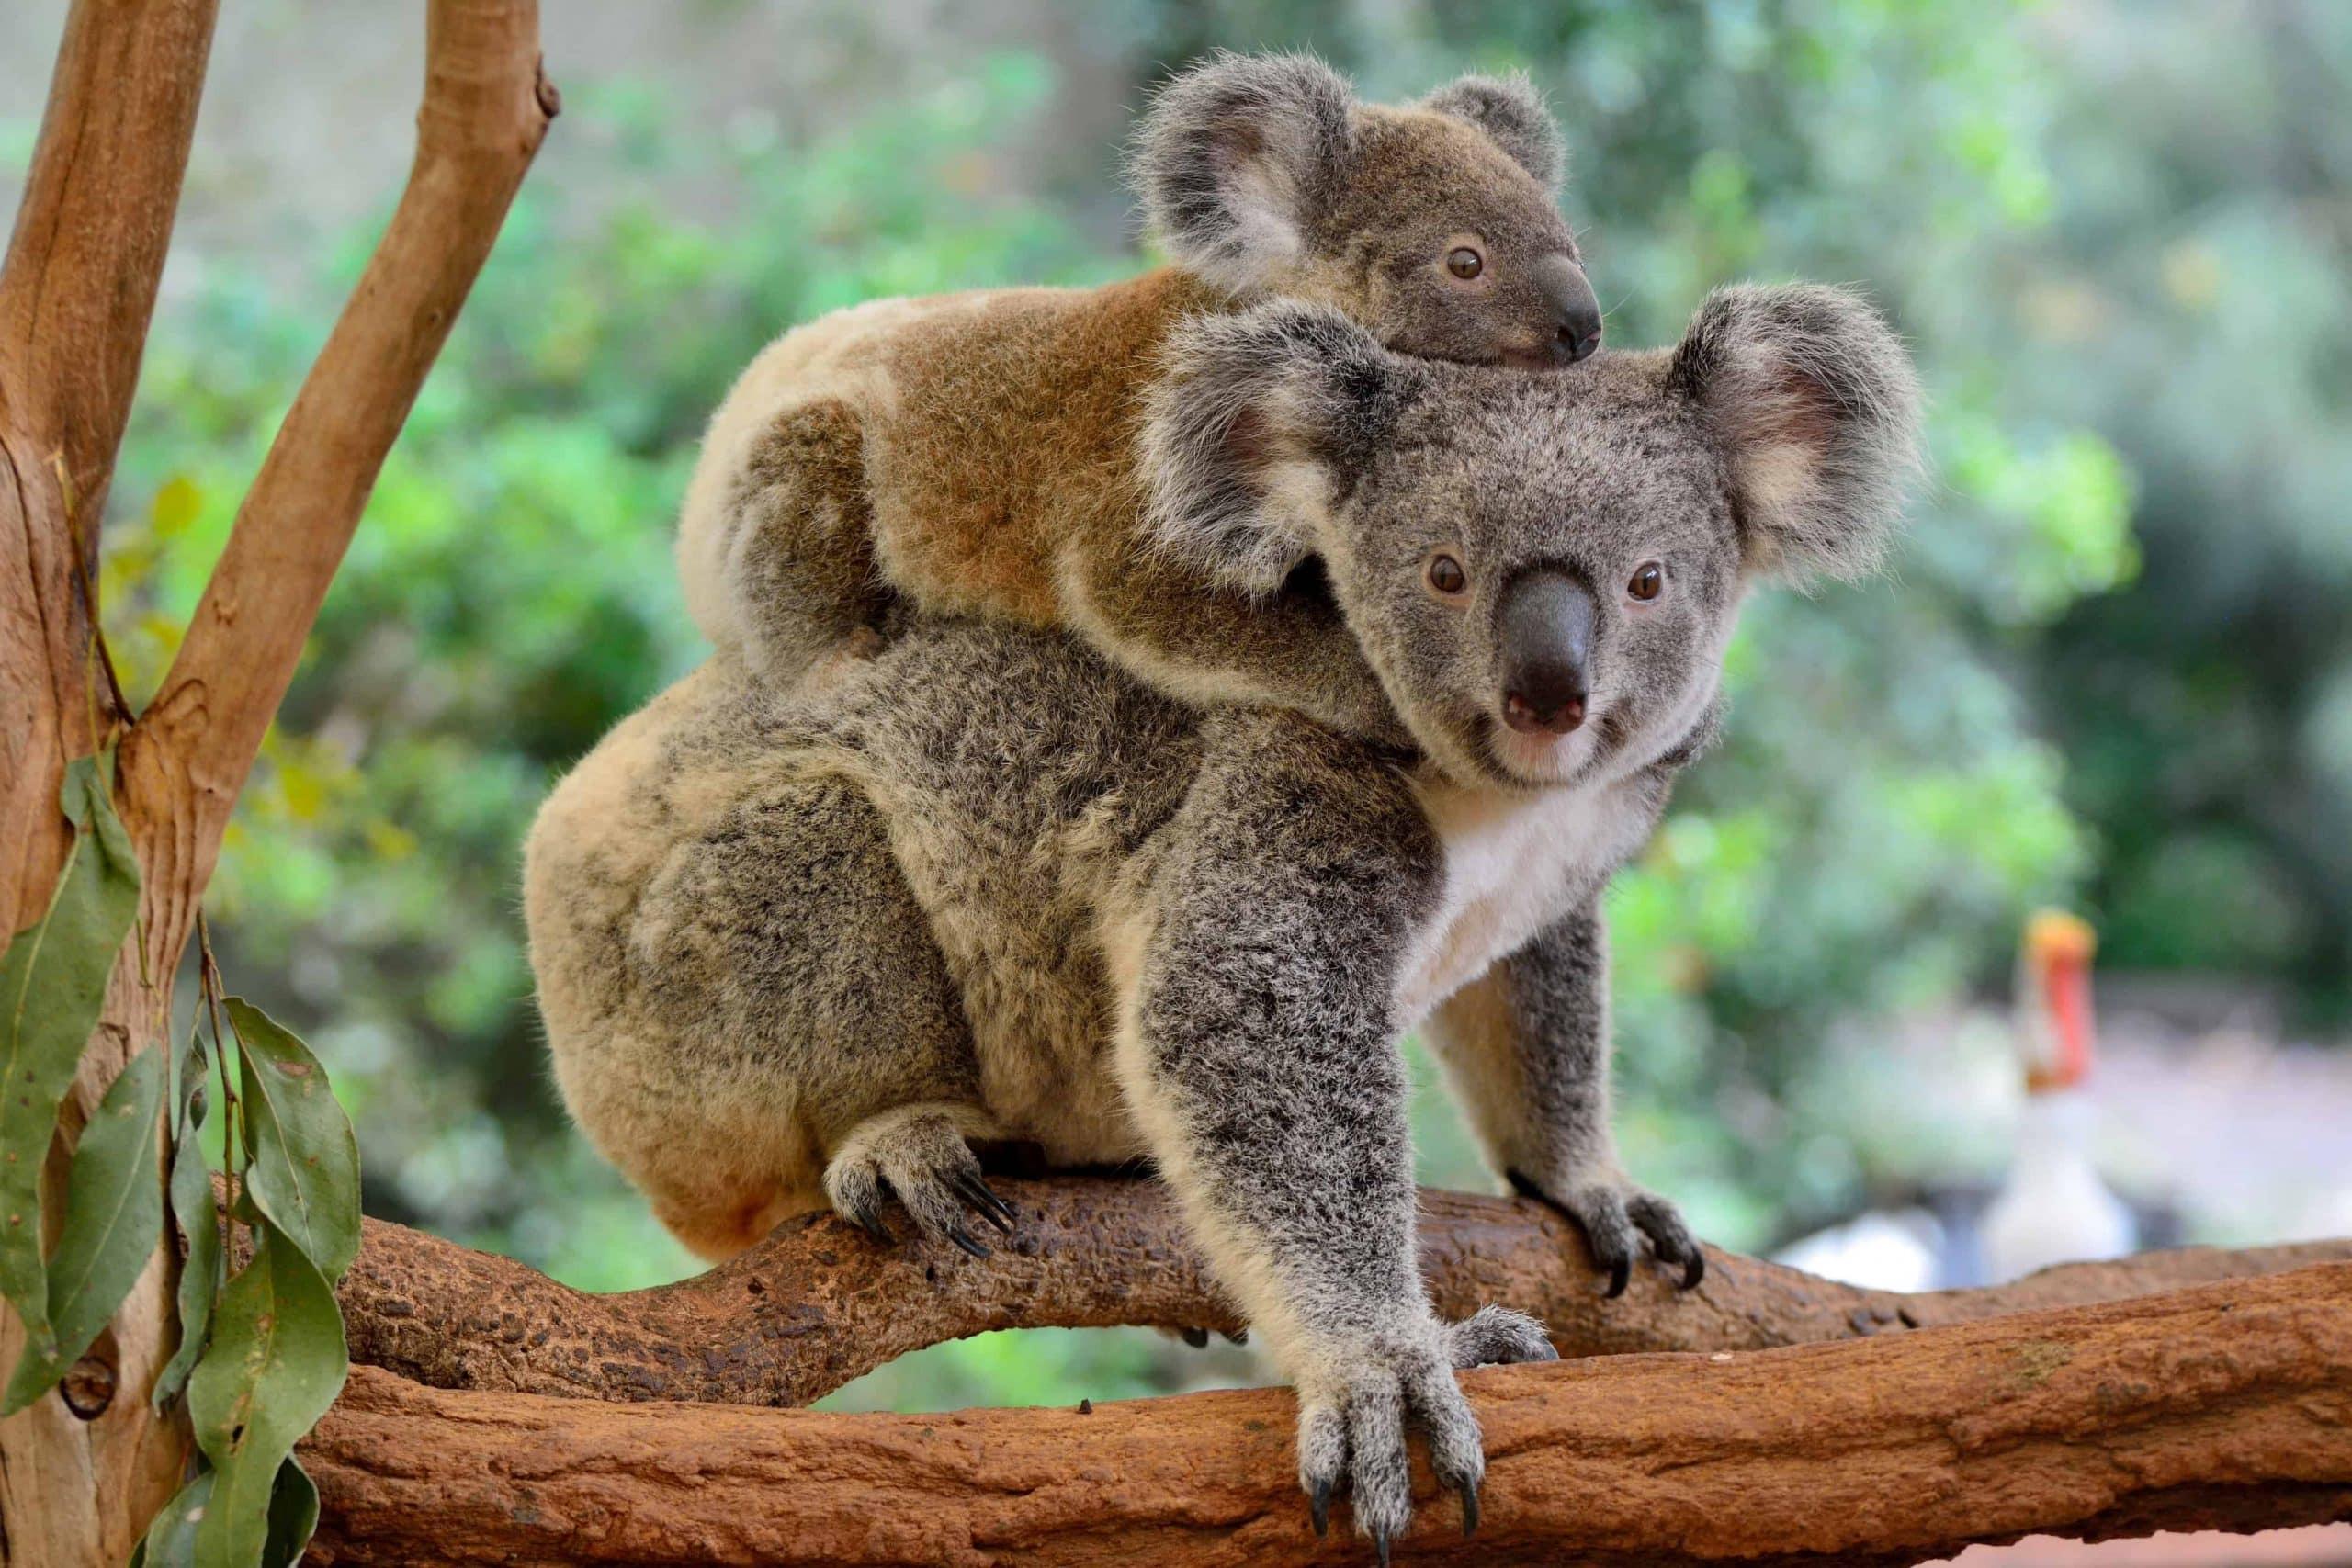 Koala, Australien - Risskov Rejser